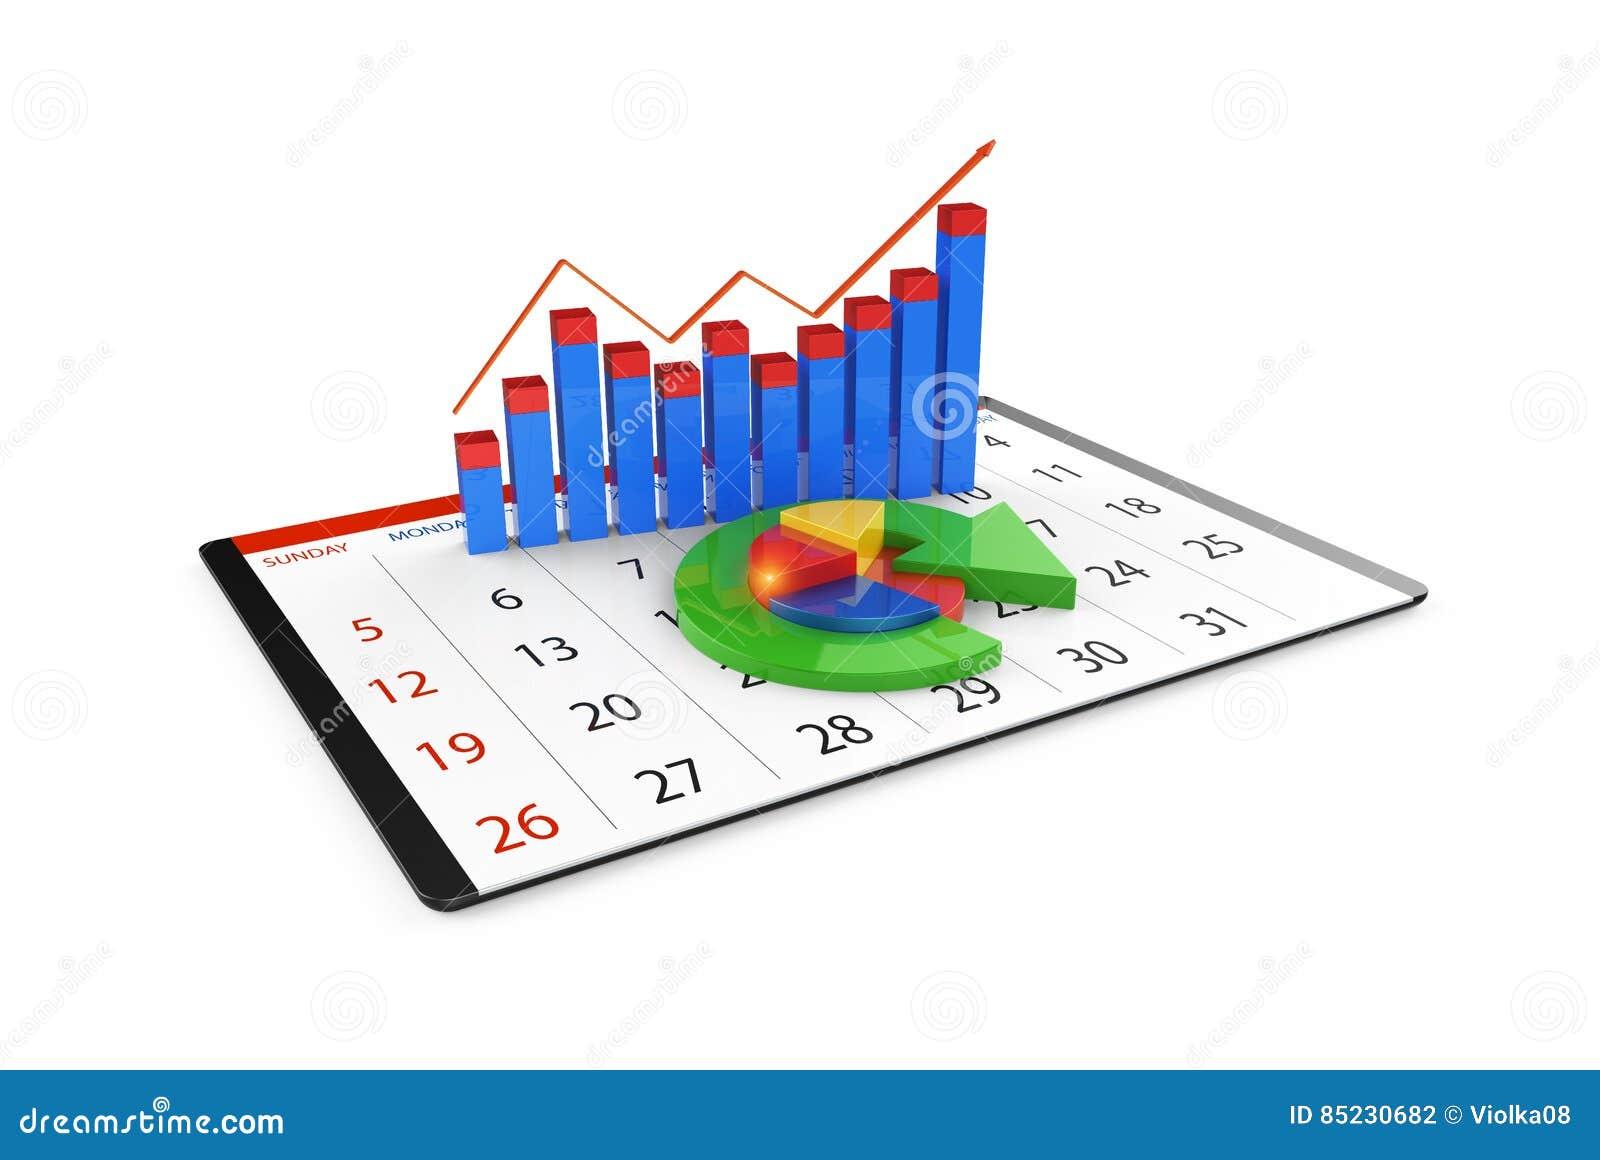 Análise dos dados financeiros nas cartas - vista geral gráfica moderna das estatísticas